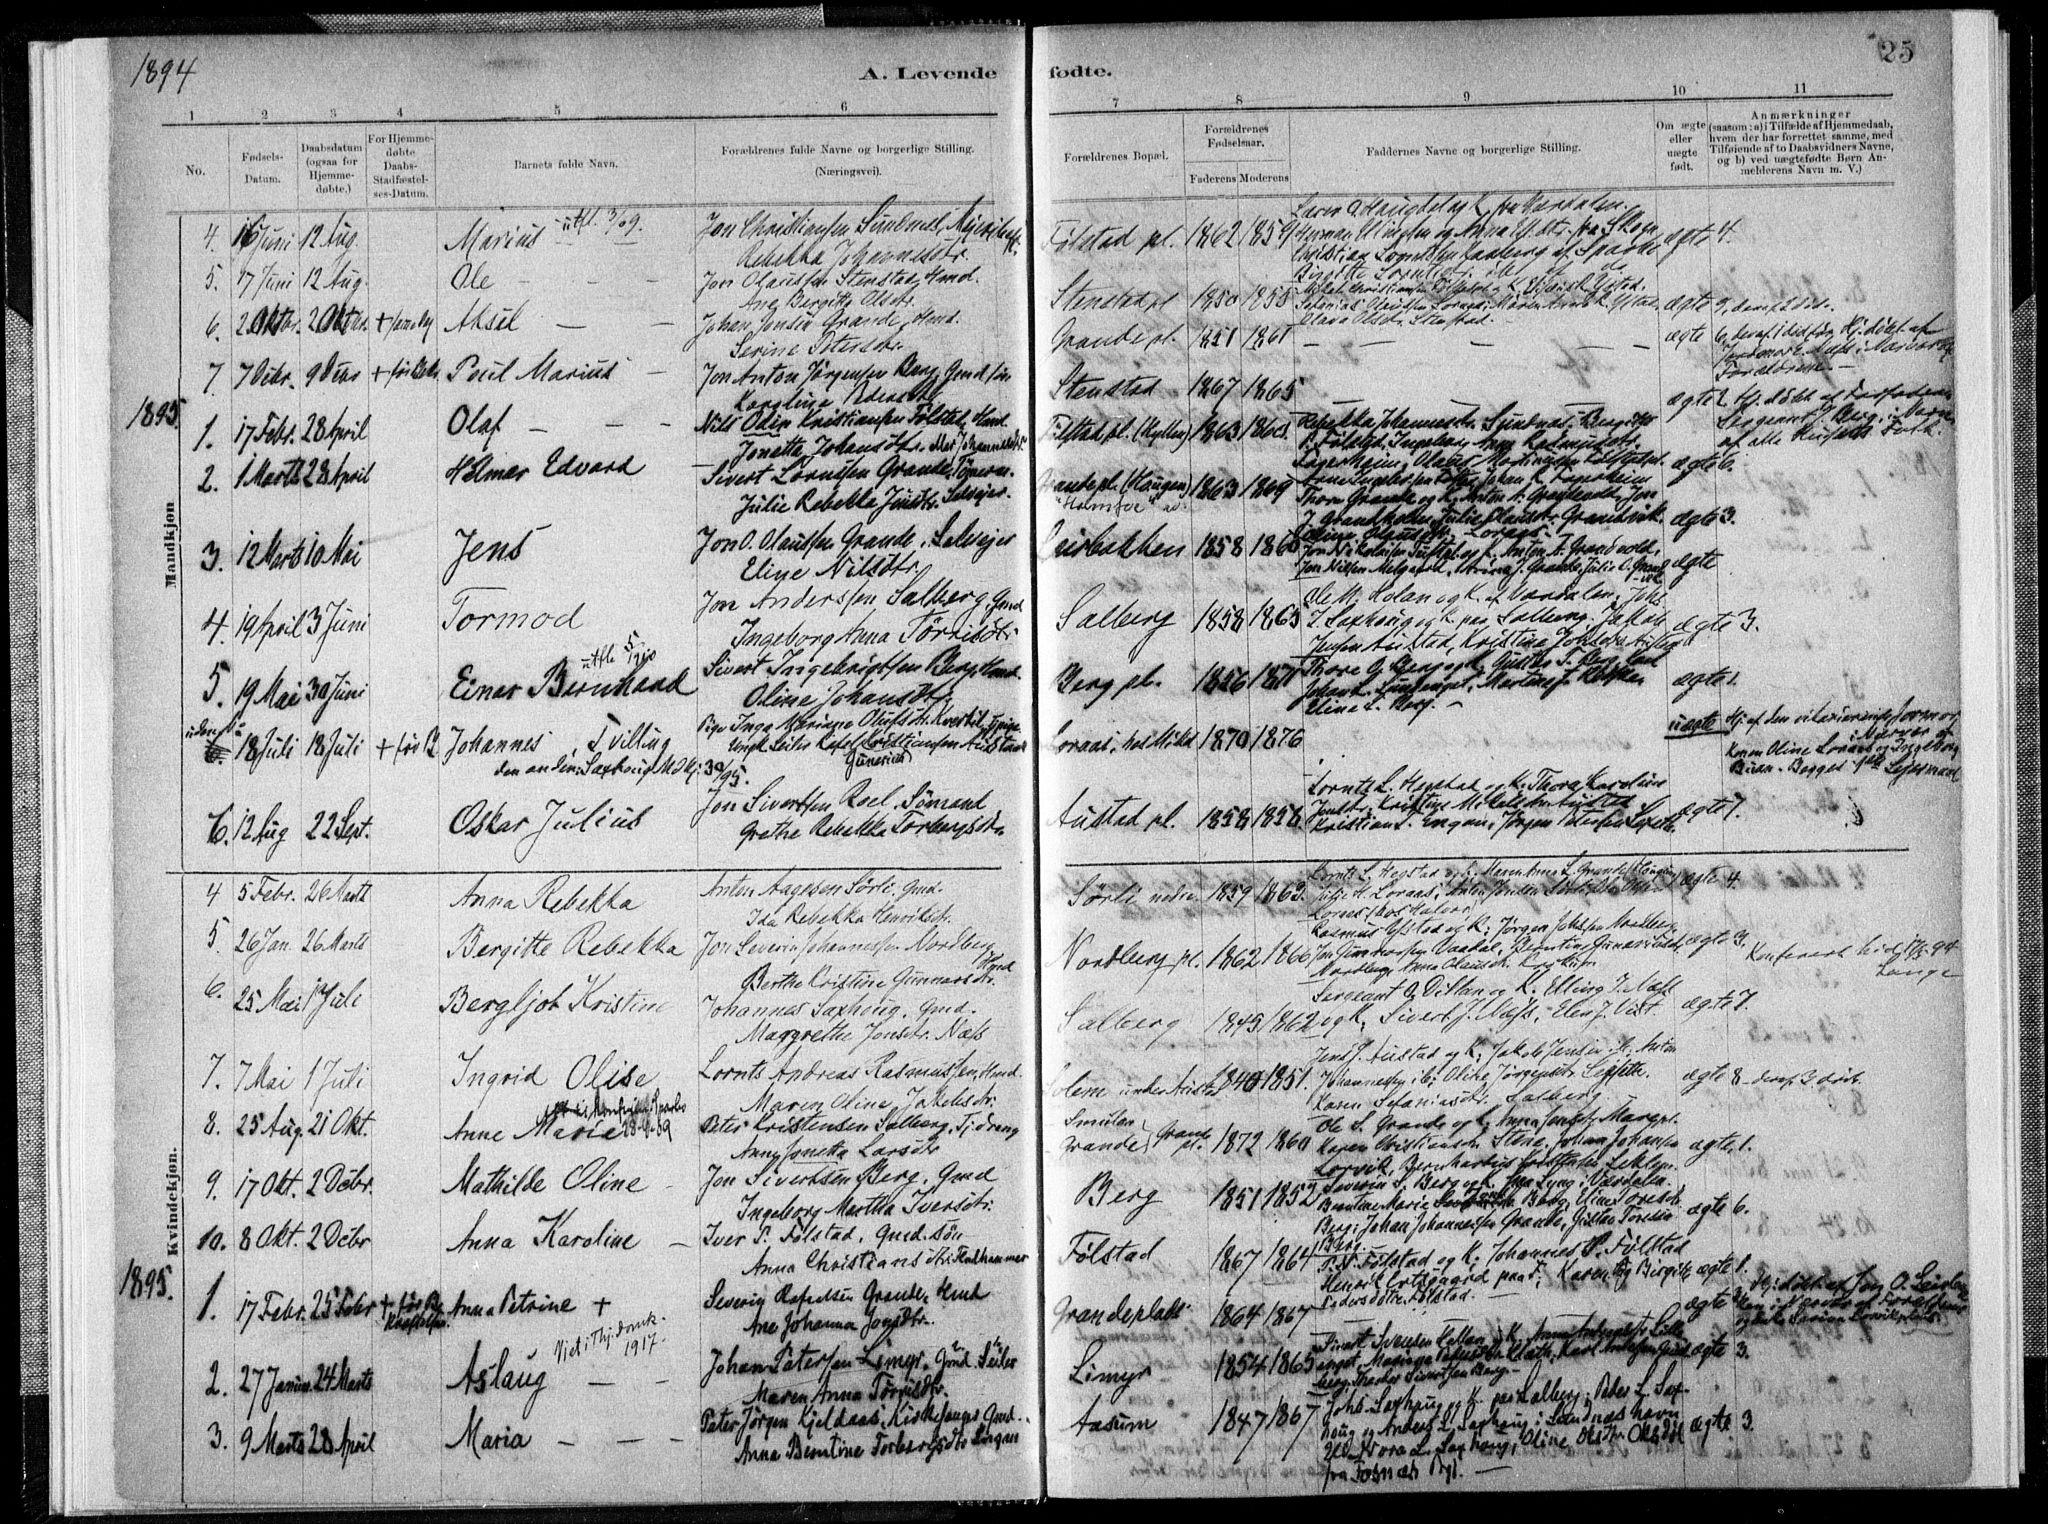 SAT, Ministerialprotokoller, klokkerbøker og fødselsregistre - Nord-Trøndelag, 731/L0309: Ministerialbok nr. 731A01, 1879-1918, s. 25